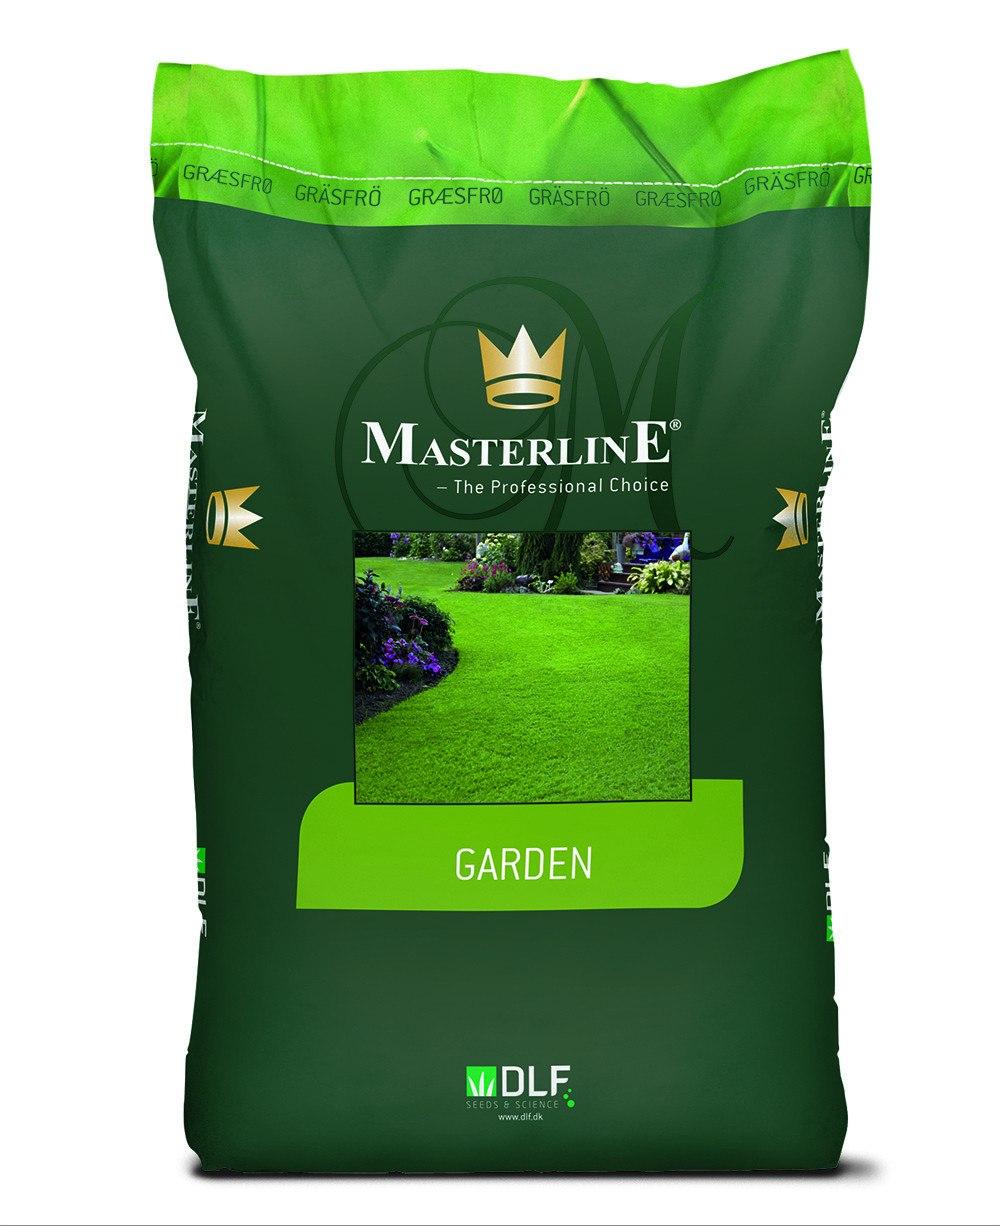 Turfline Skygge - 10 kg sæk græsfrø